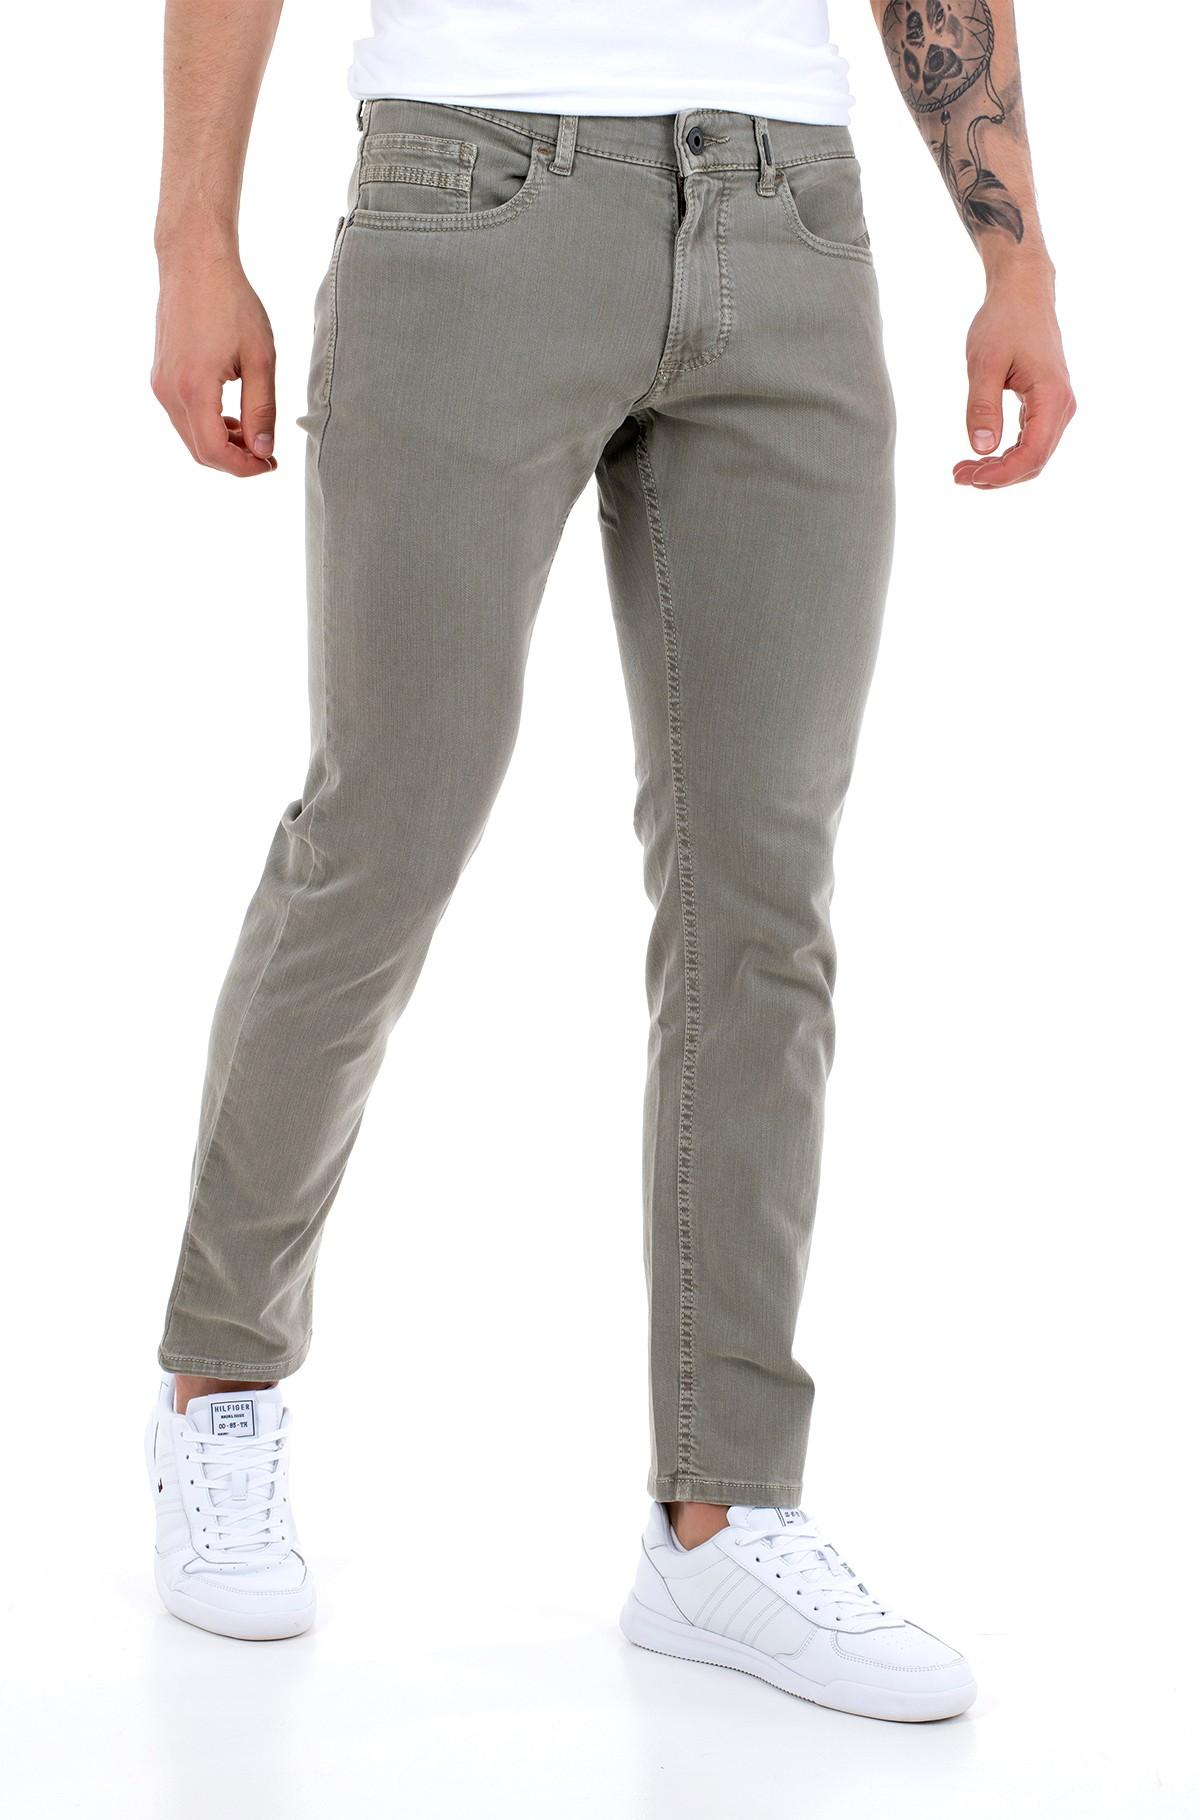 Jeans 488885/5951-full-1